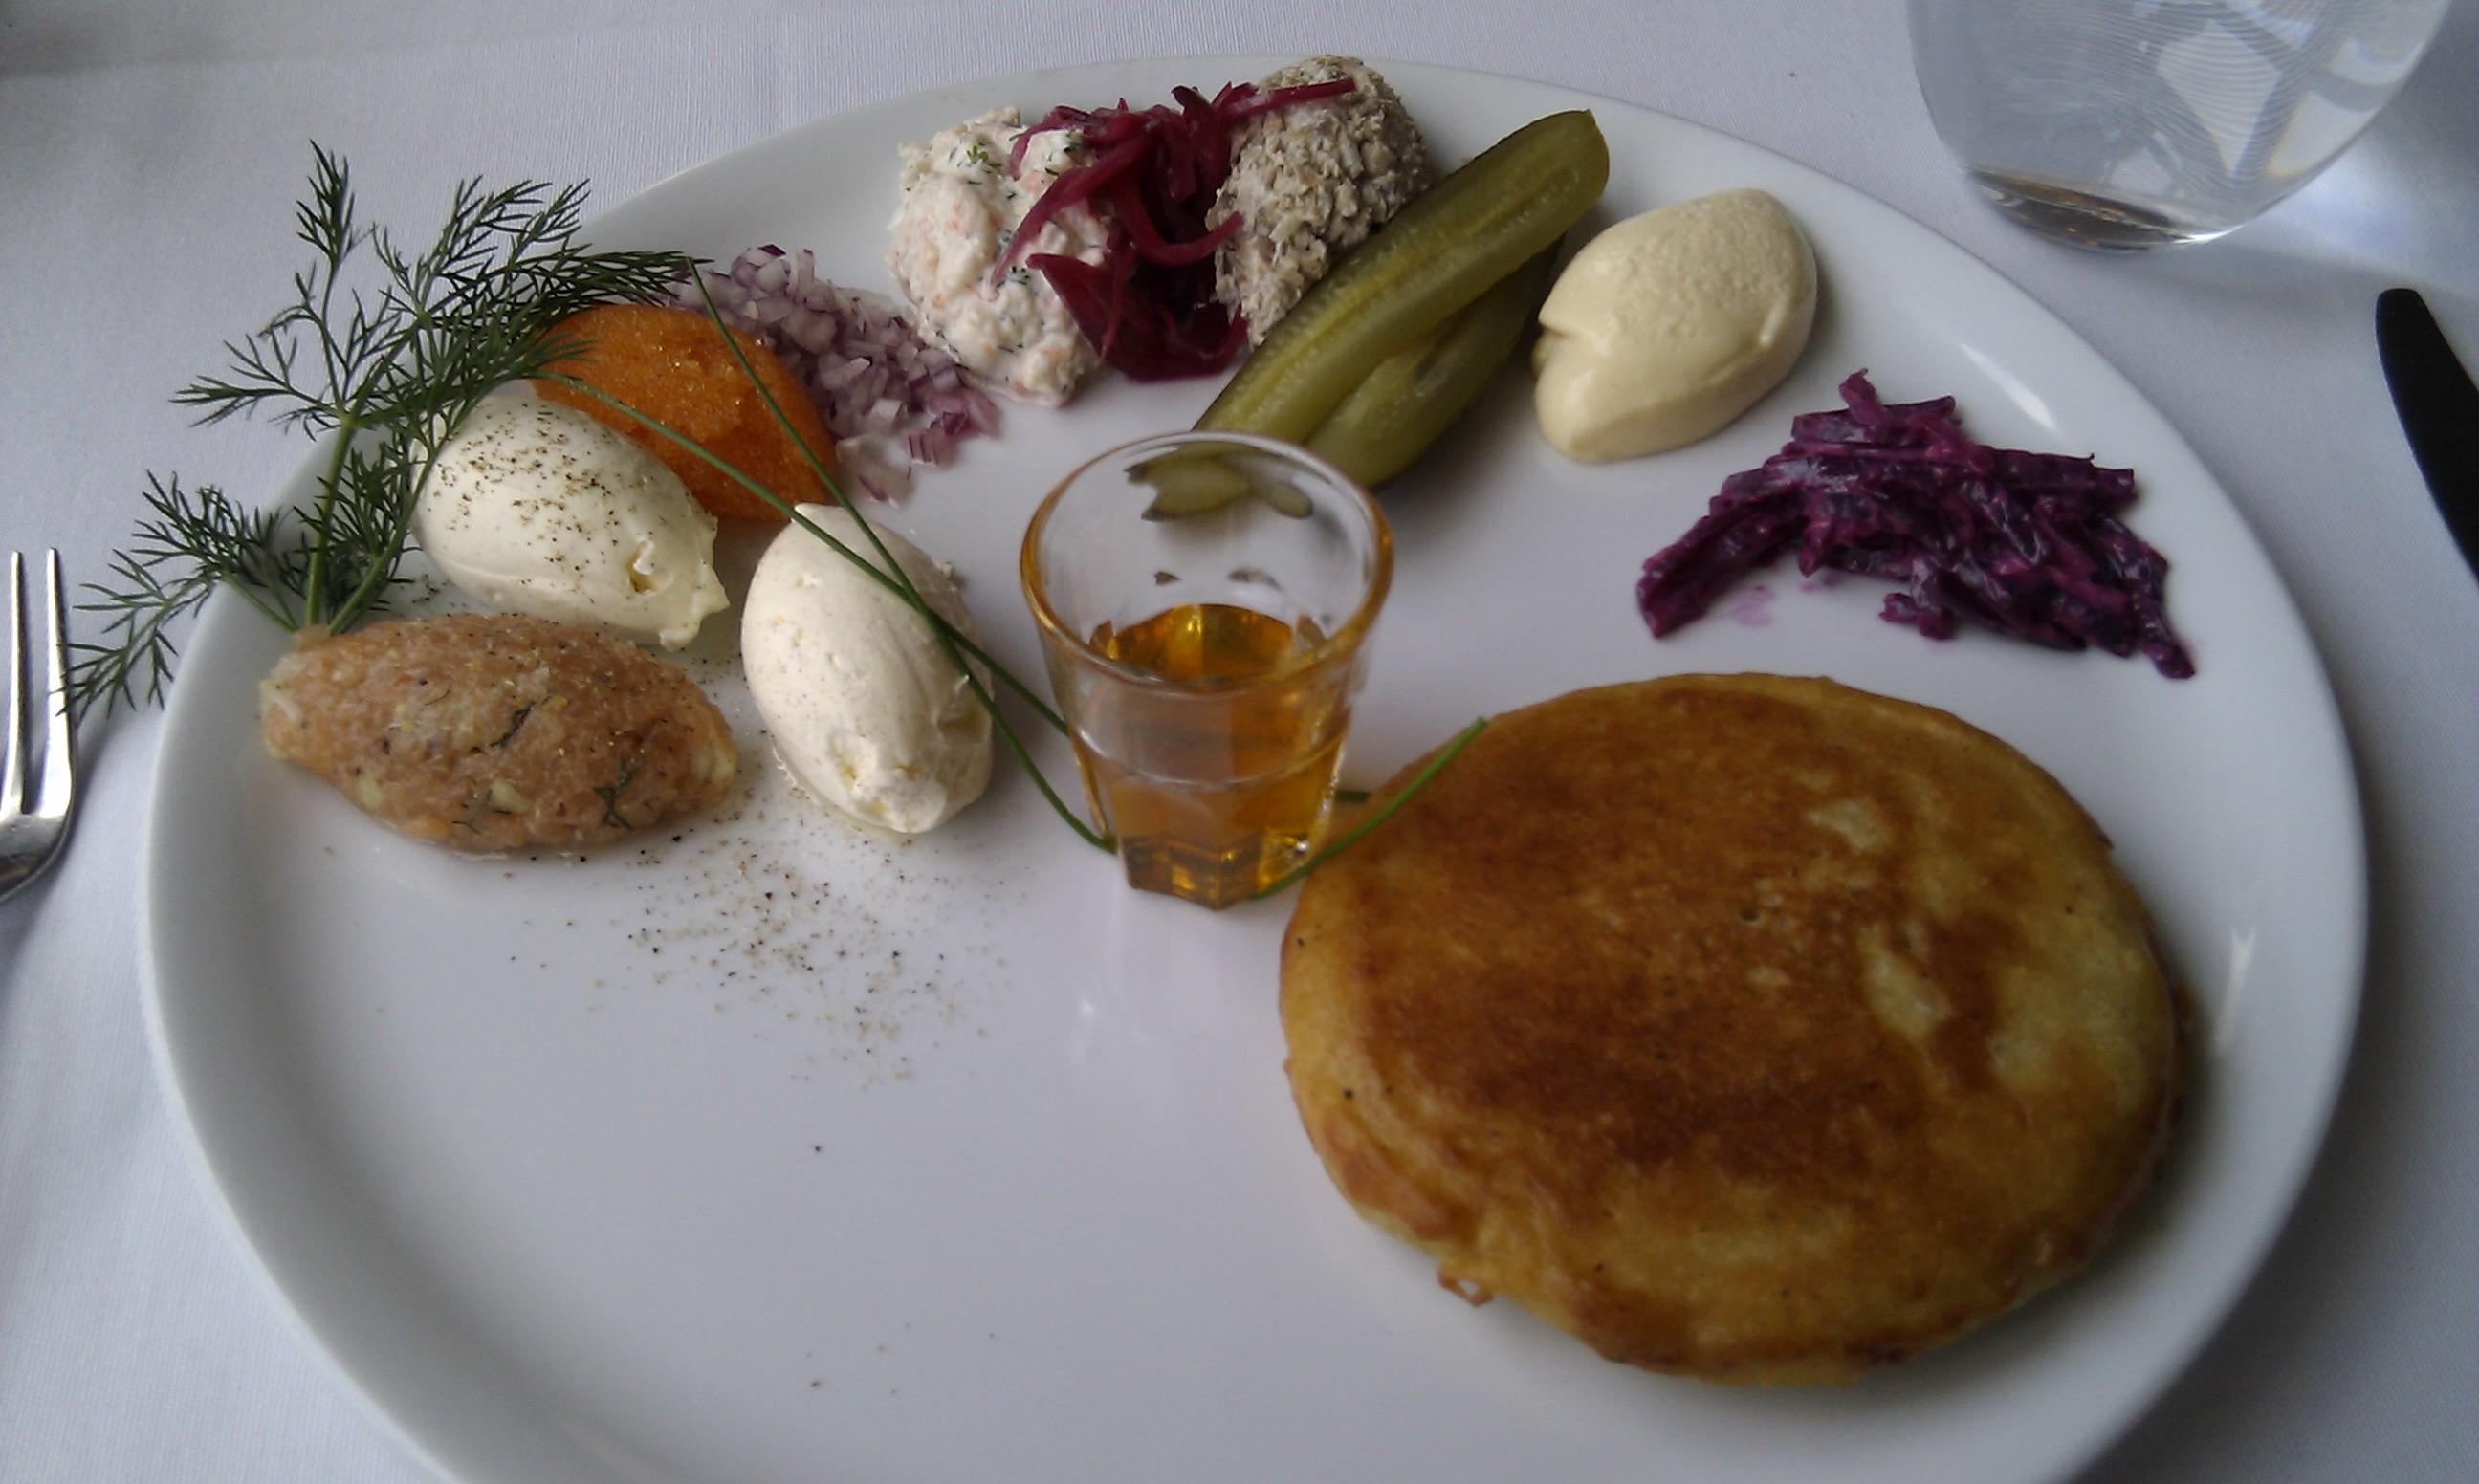 Ravintola Lasipalatsi, Helsinki: Blinit 6 lisäkkeellä